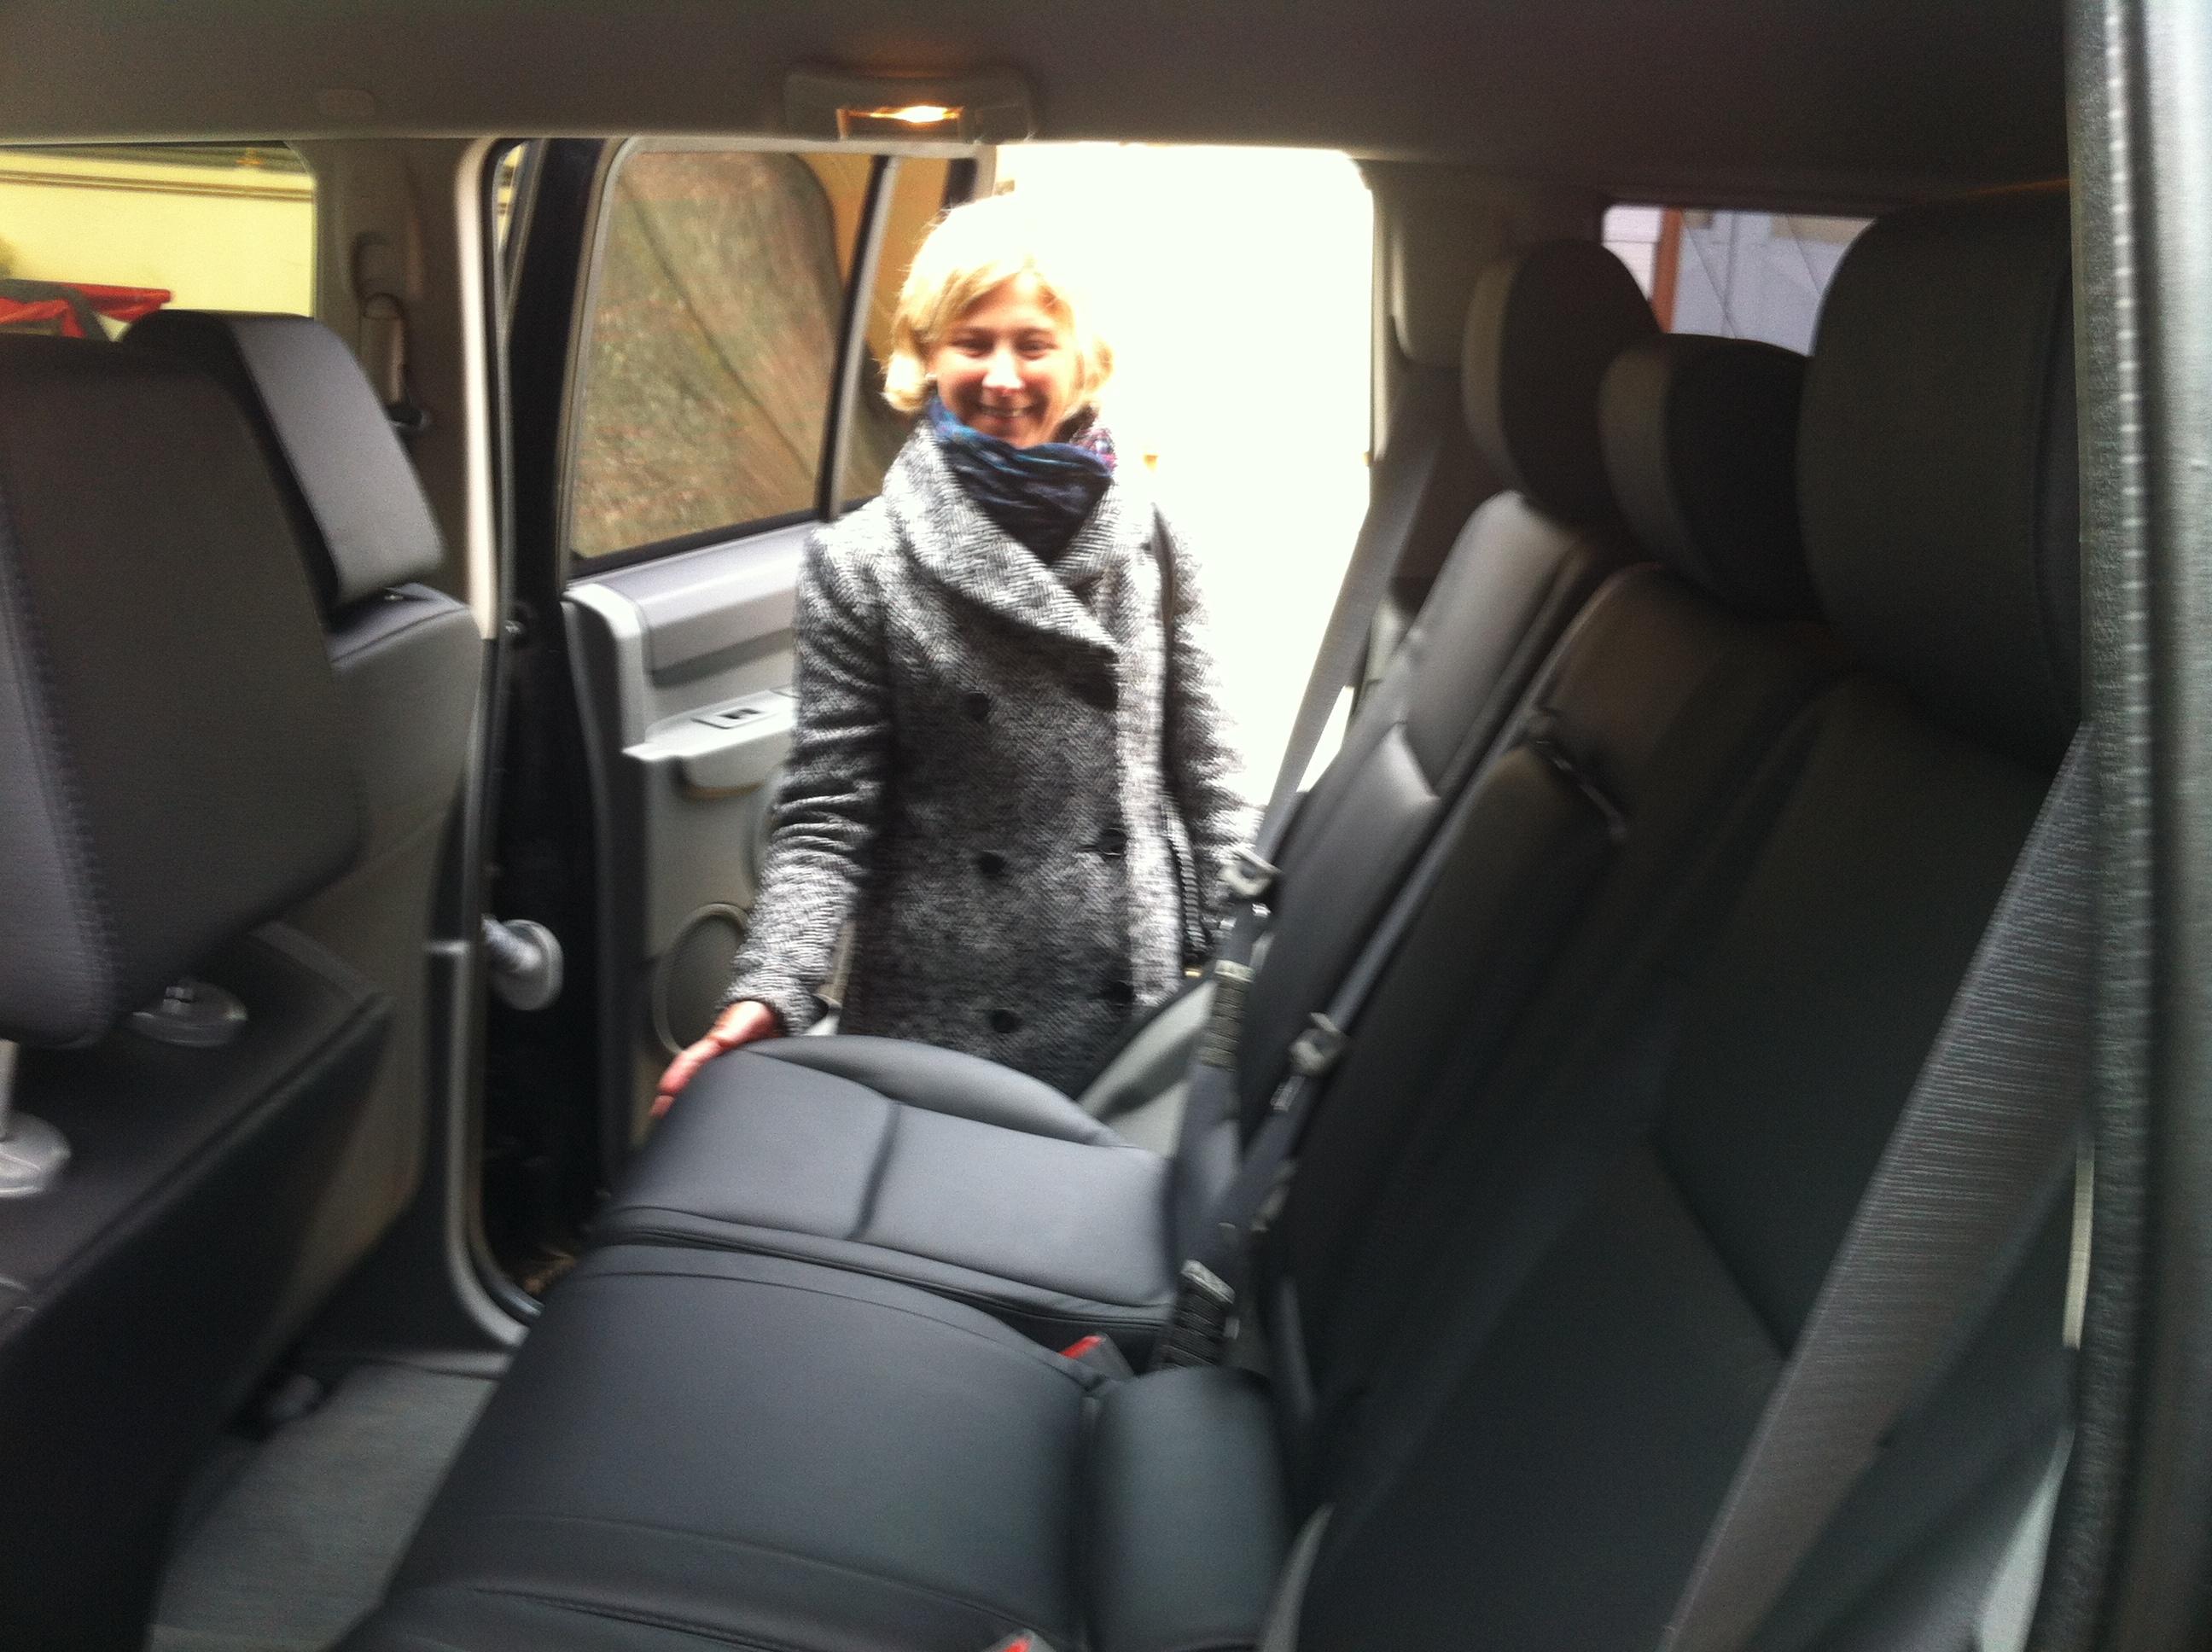 Ledersitze - Innenausstattung für Fahrzeuge 004